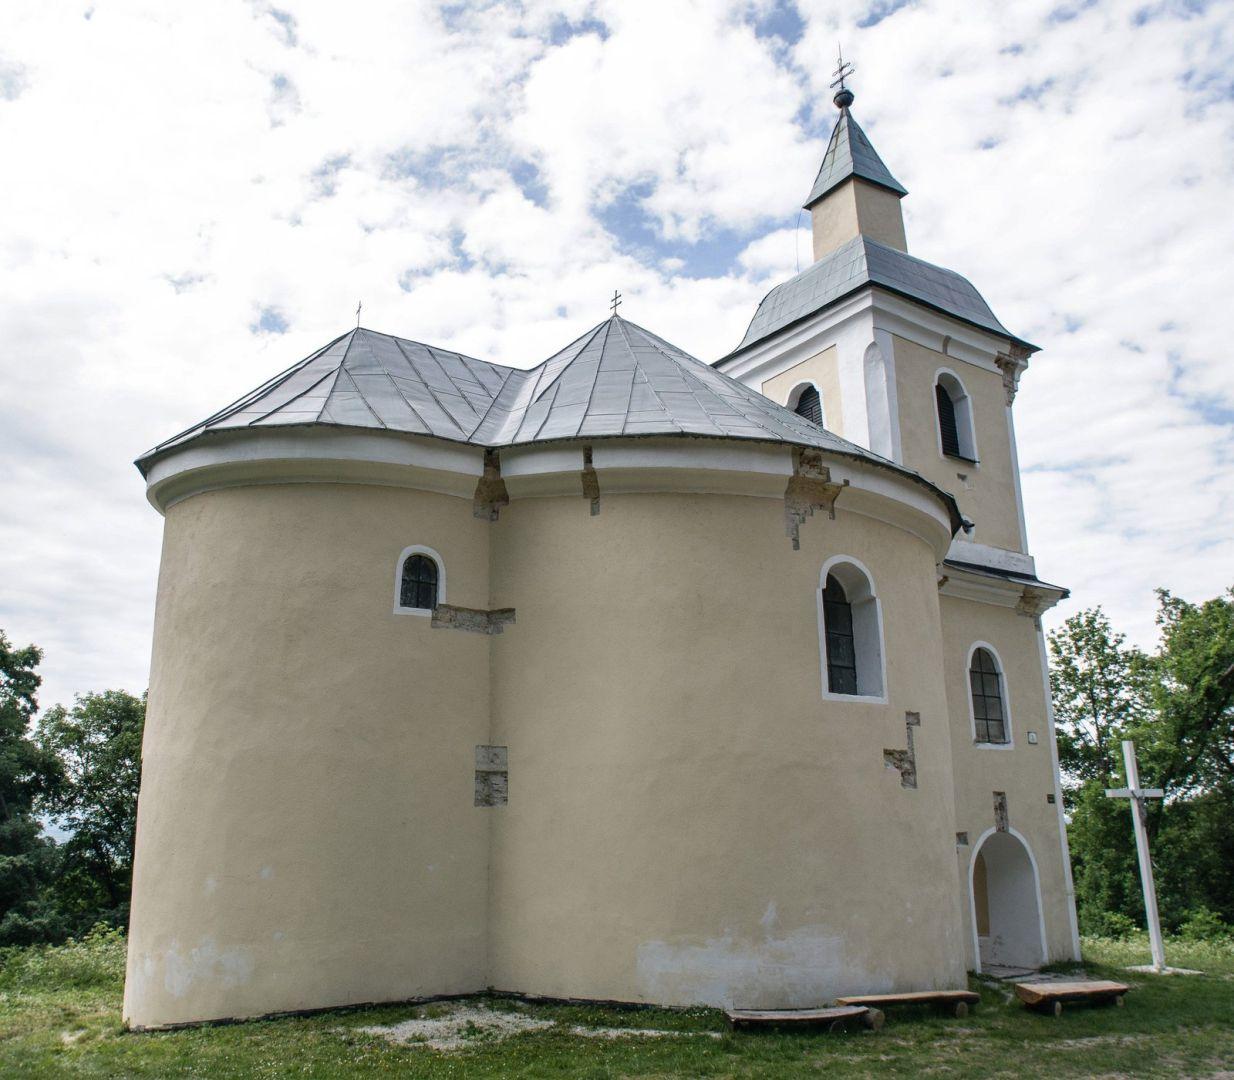 Foto: cestovanie.aktuality.sk